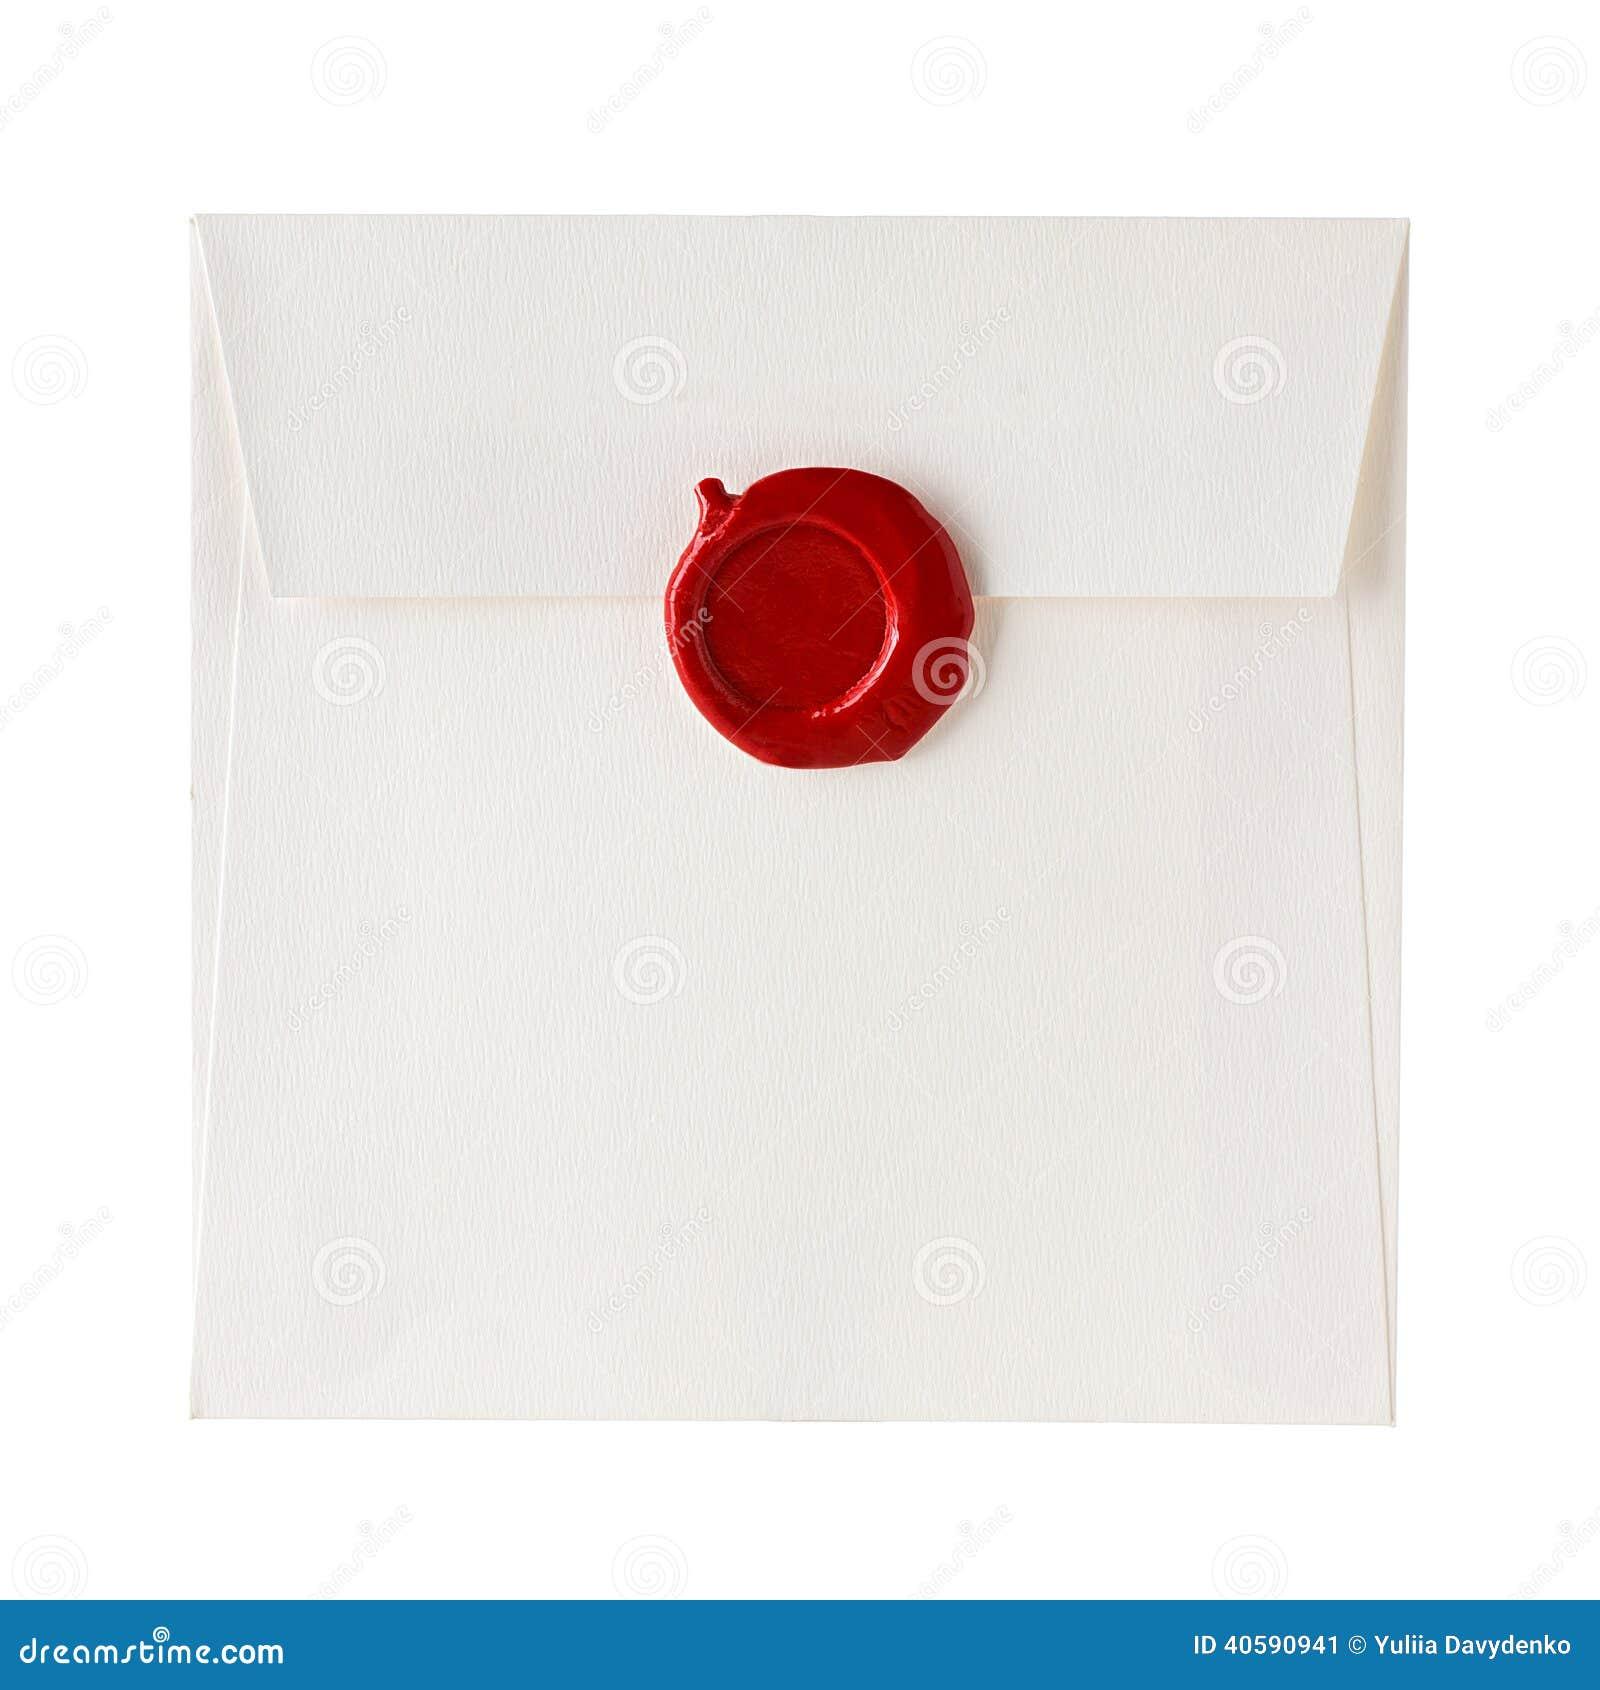 Brief Mit Kerzenwachs Versiegeln : Verschicken sie den umschlag oder brief die mit